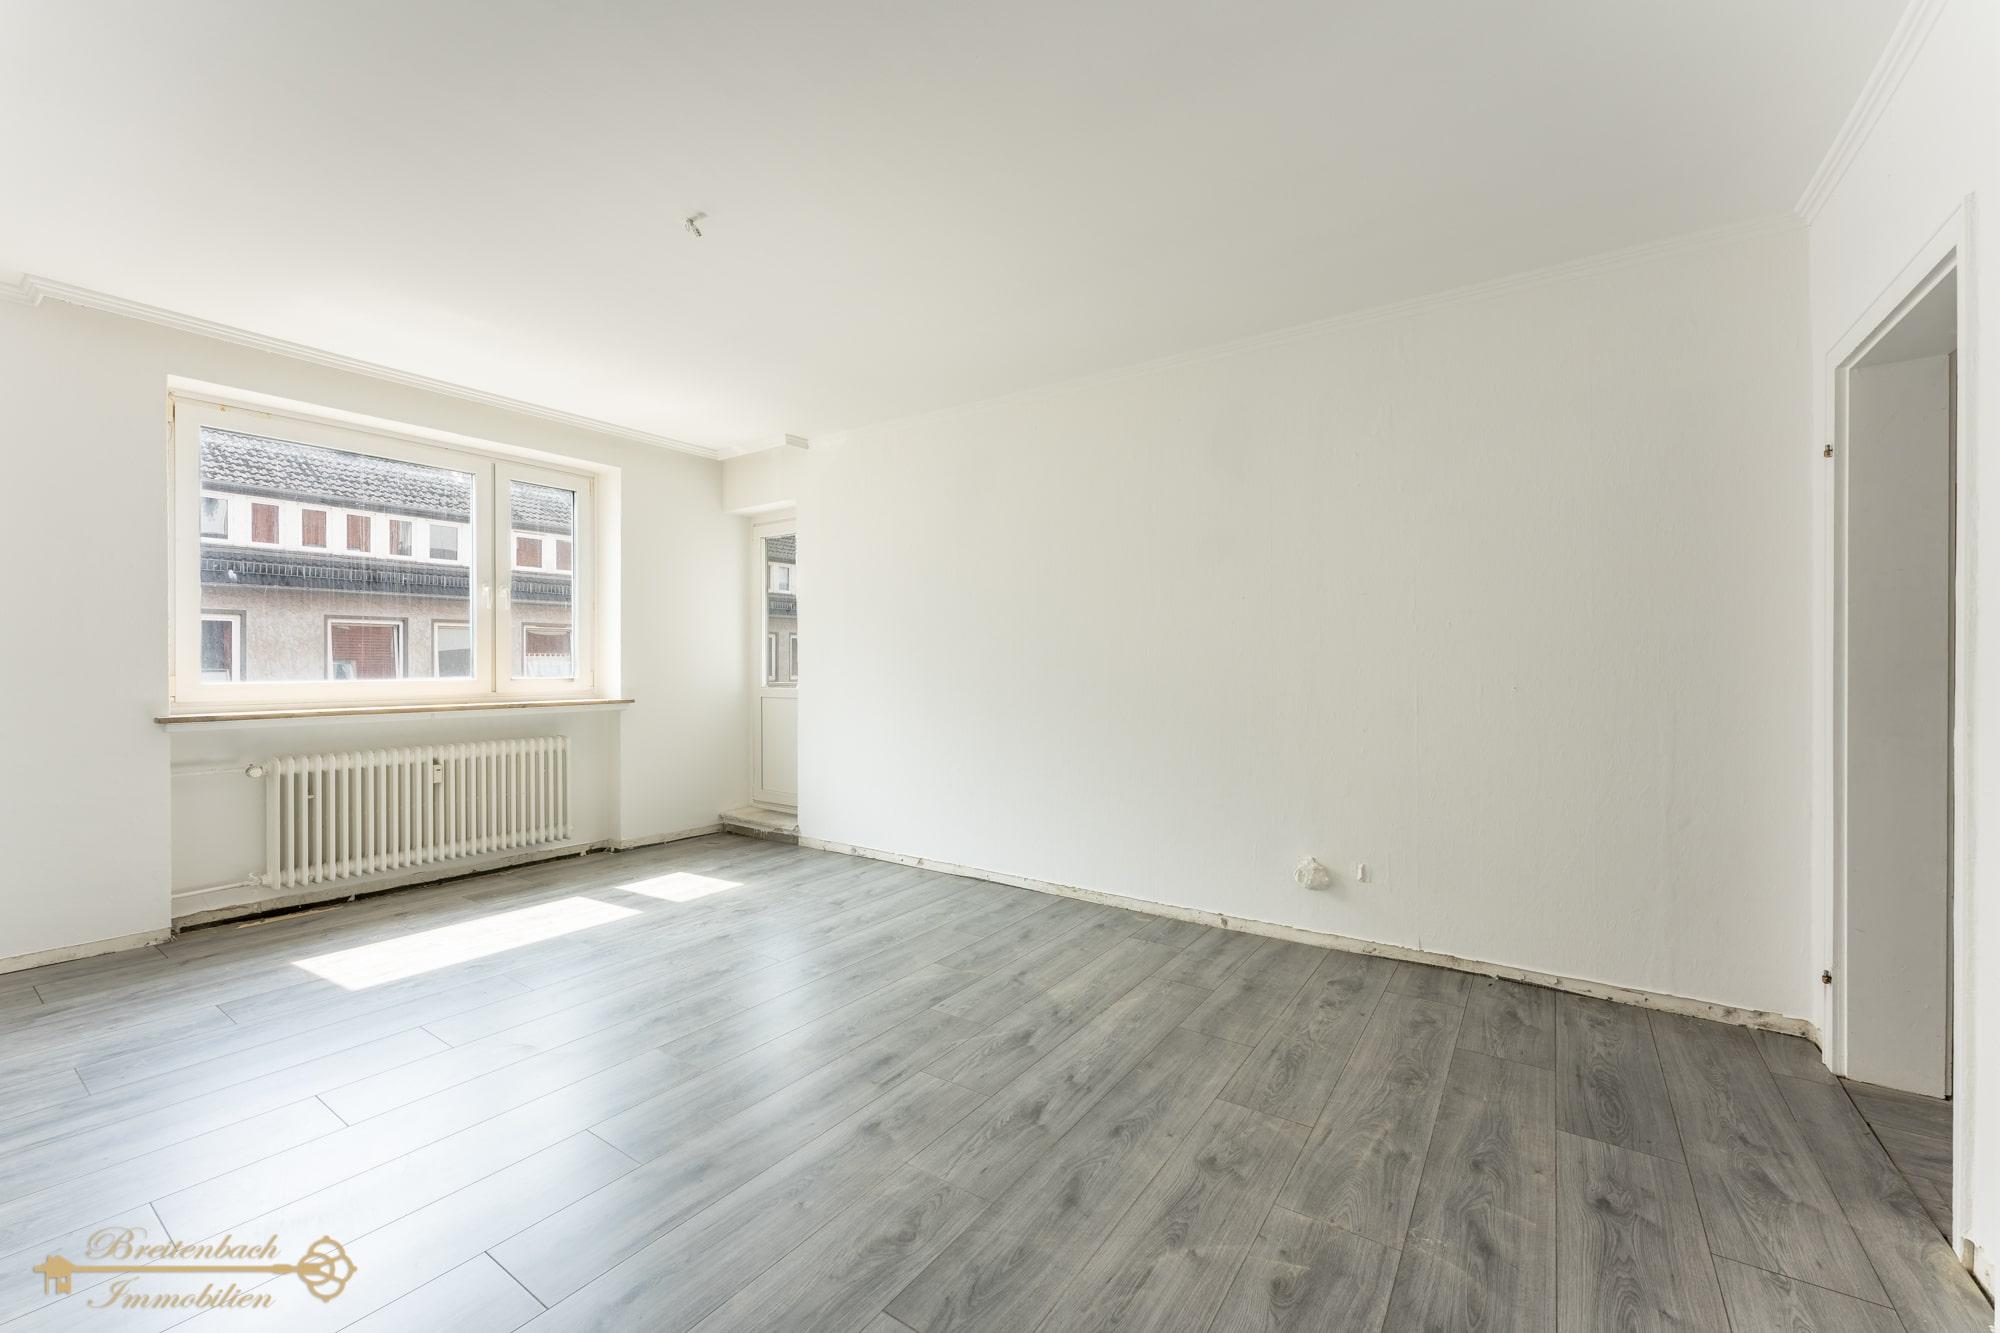 2021-07-27-Breitenbach-Immobilien-Makler-Bremen-13-min